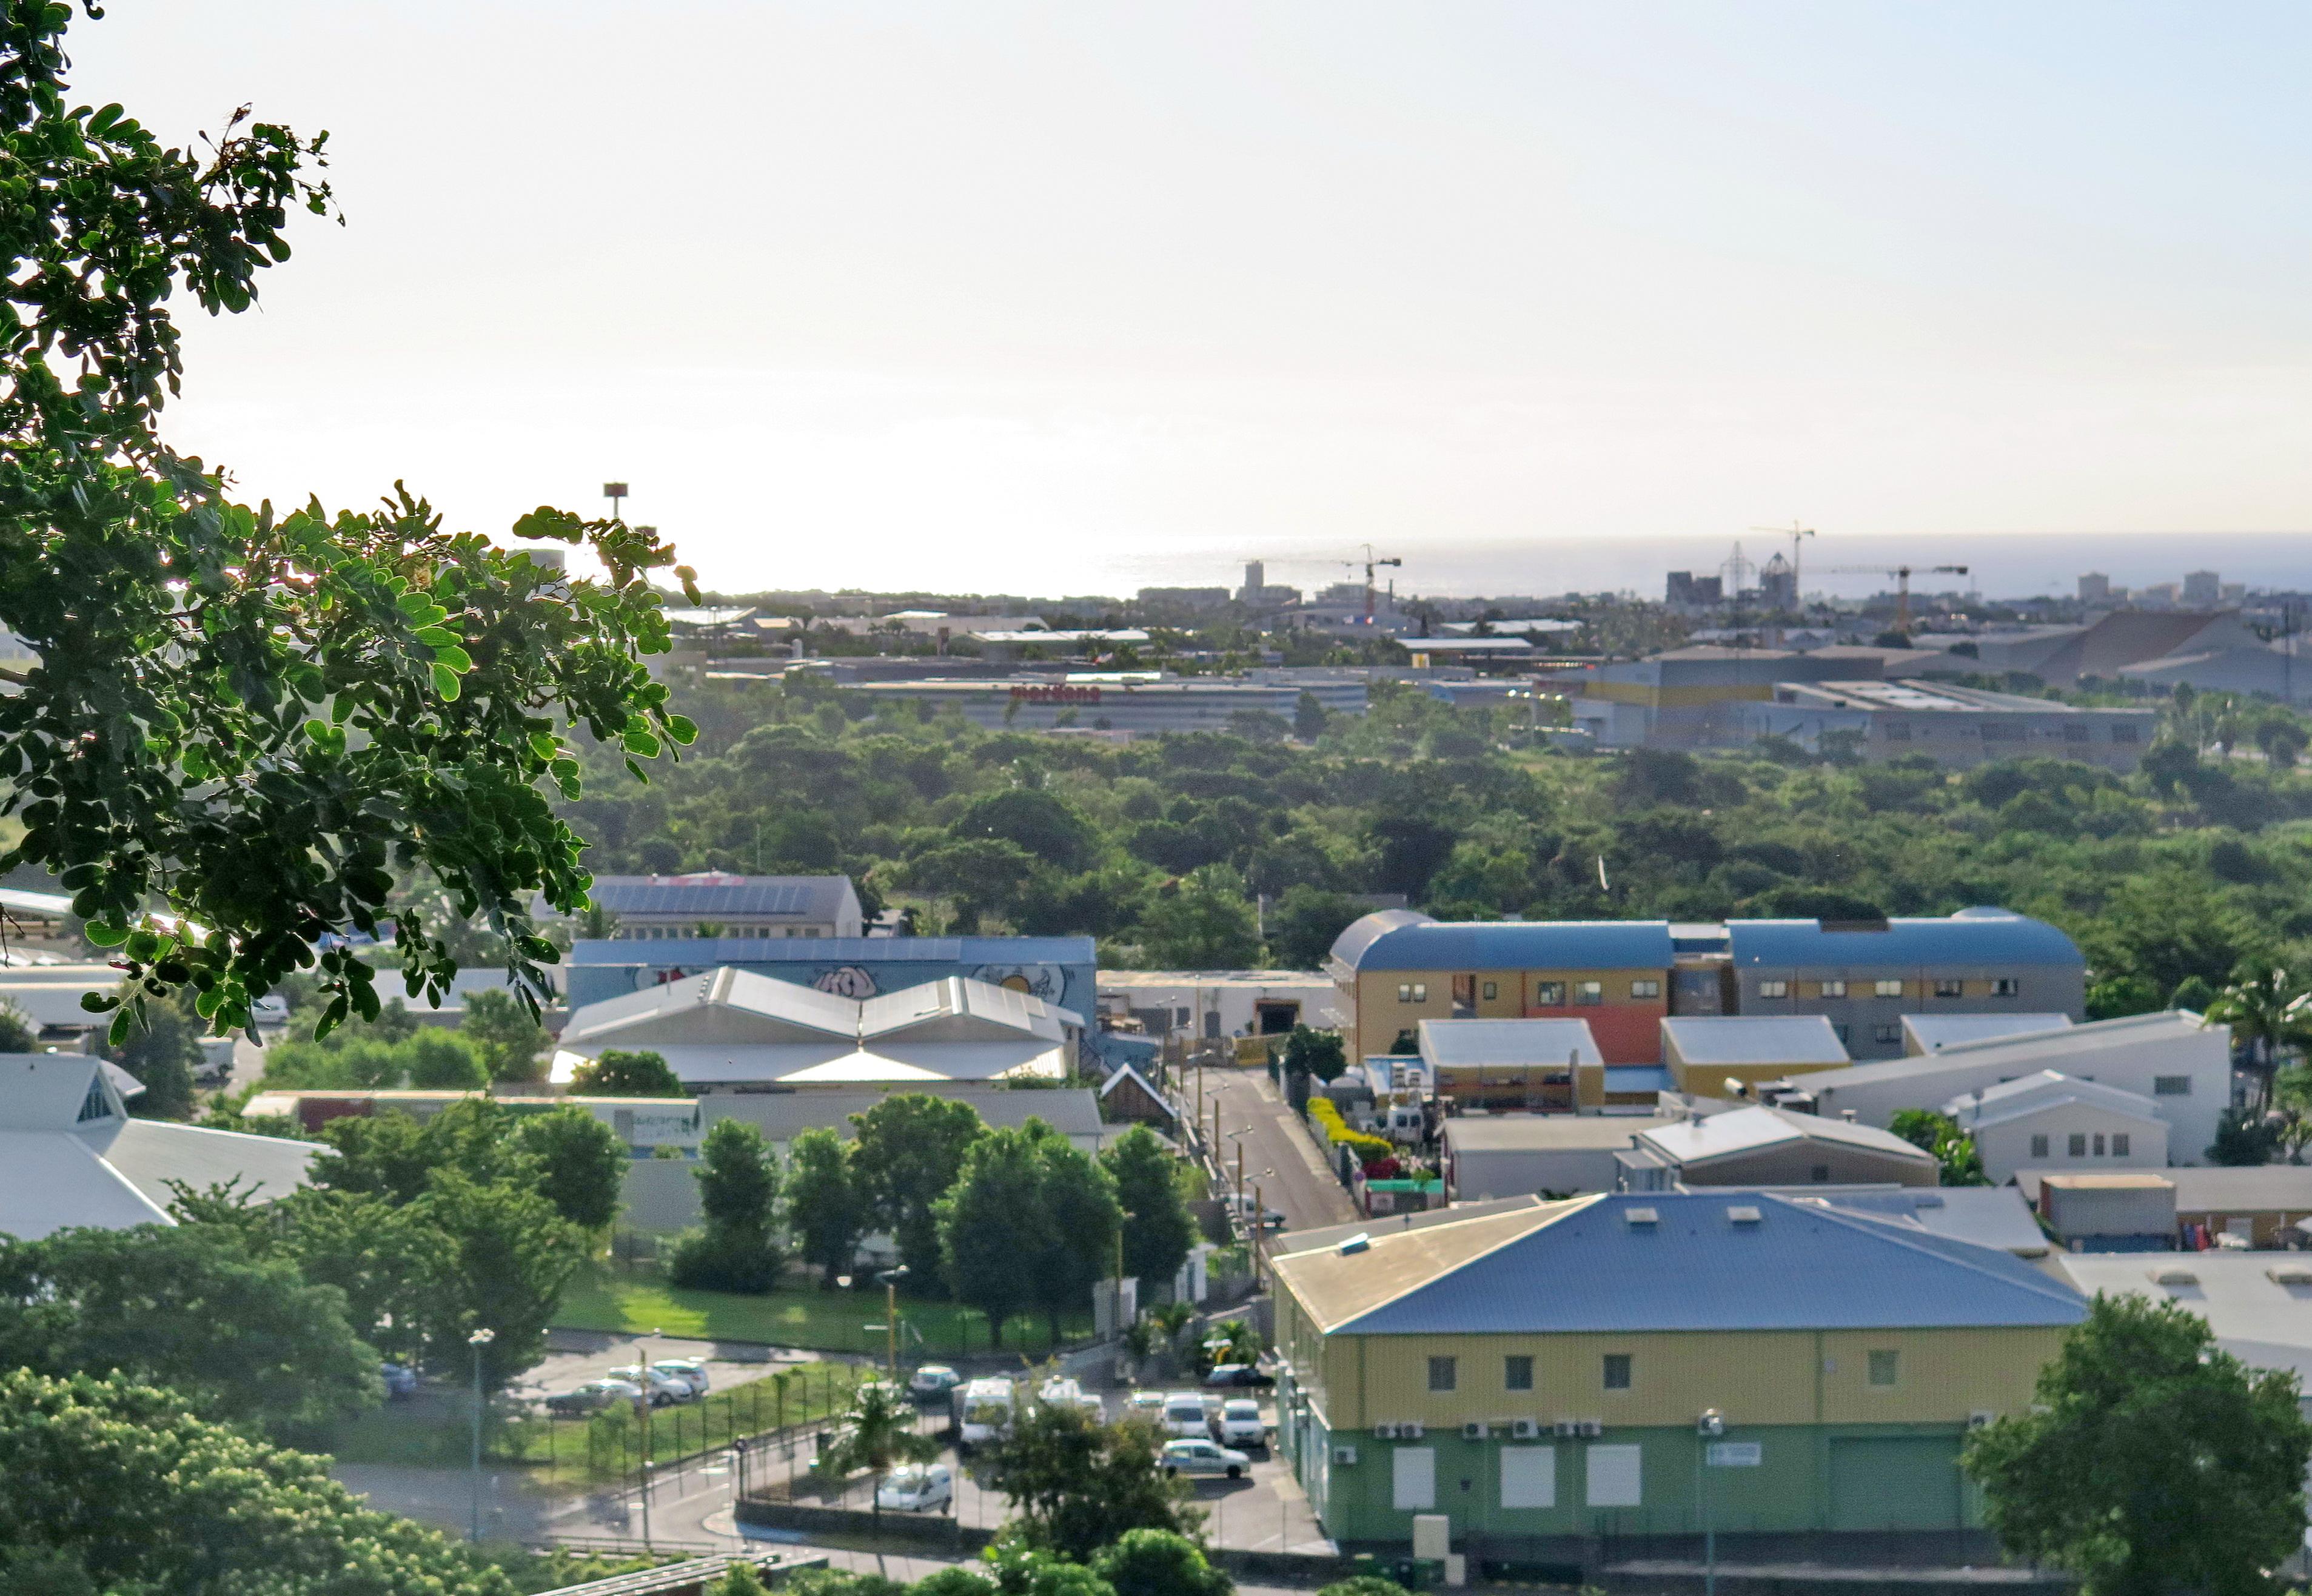 [Vie des ports] Les ports de la Réunion - Page 6 408310leportsolange003